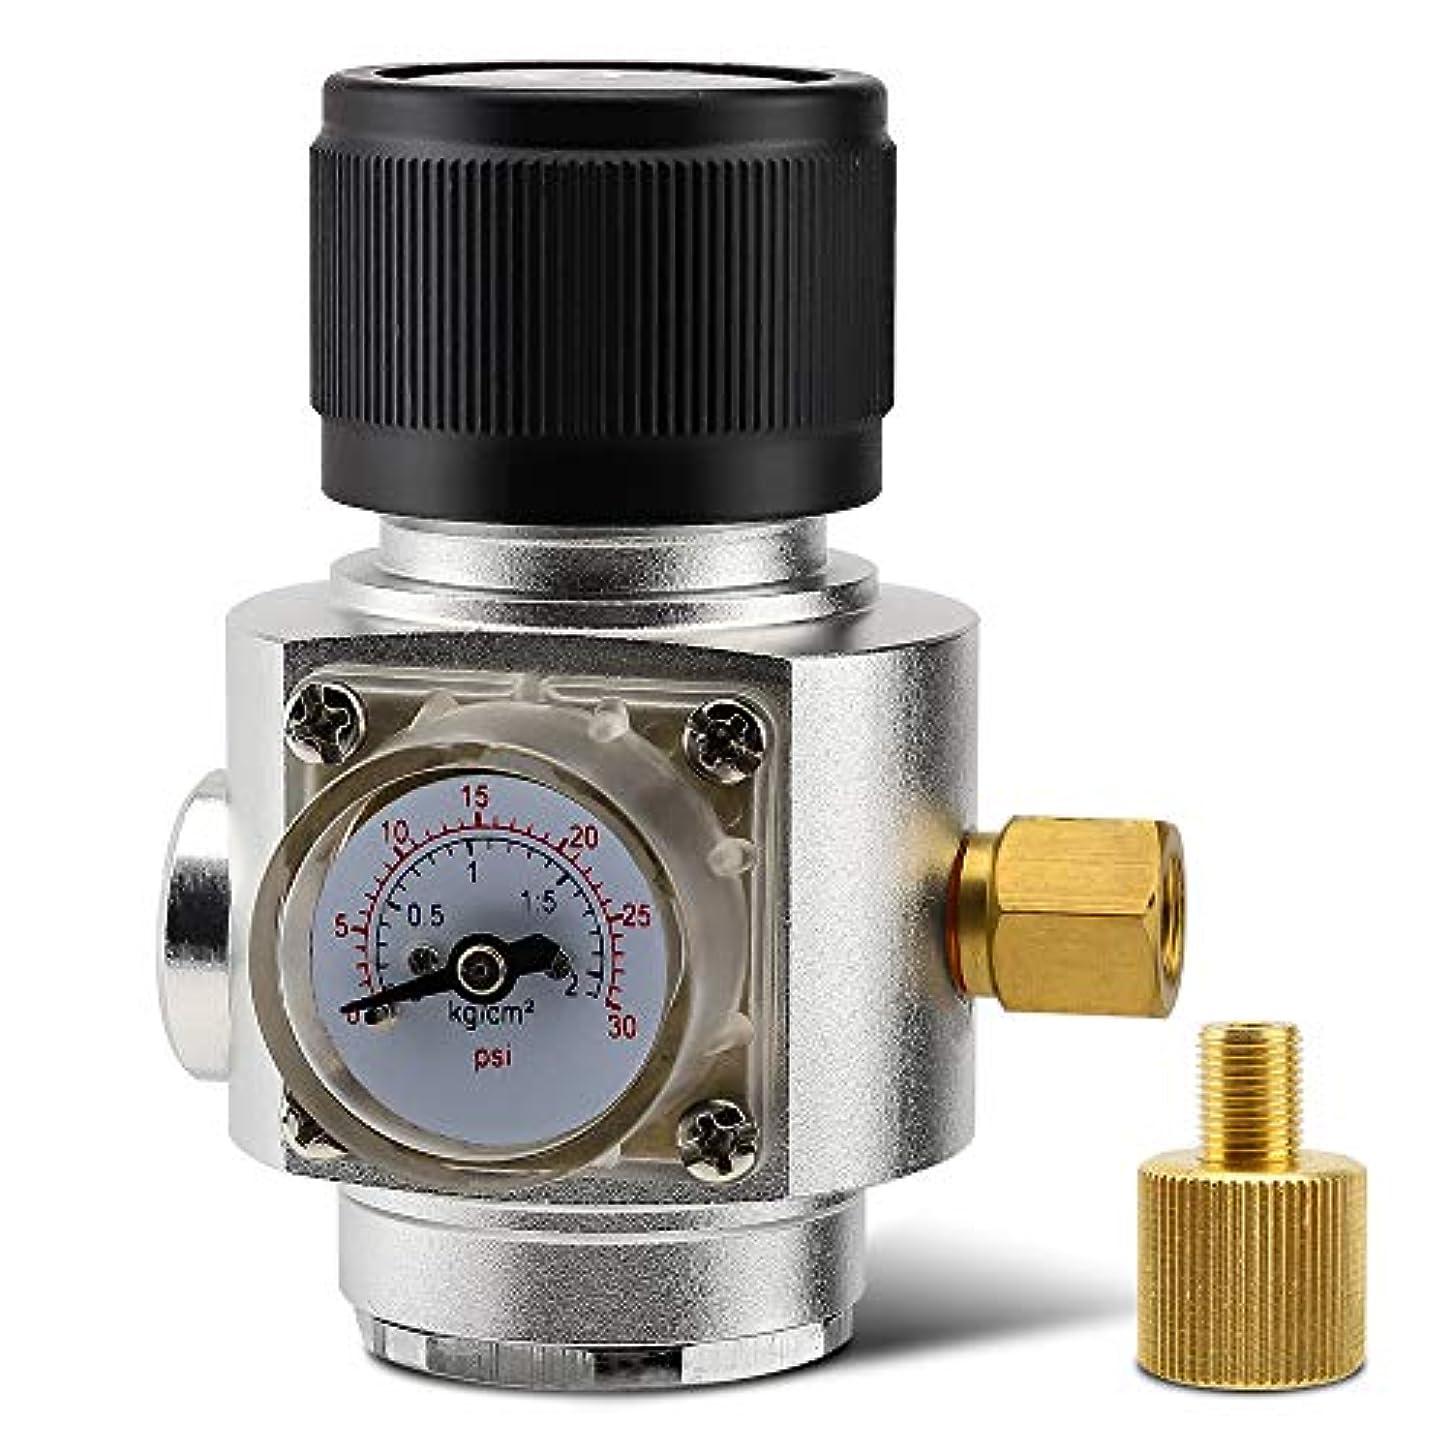 コミット壮大哲学者Mini co2ガスRegular 0 – 30psi Keg充電器with 3 / 8」、5 / 8